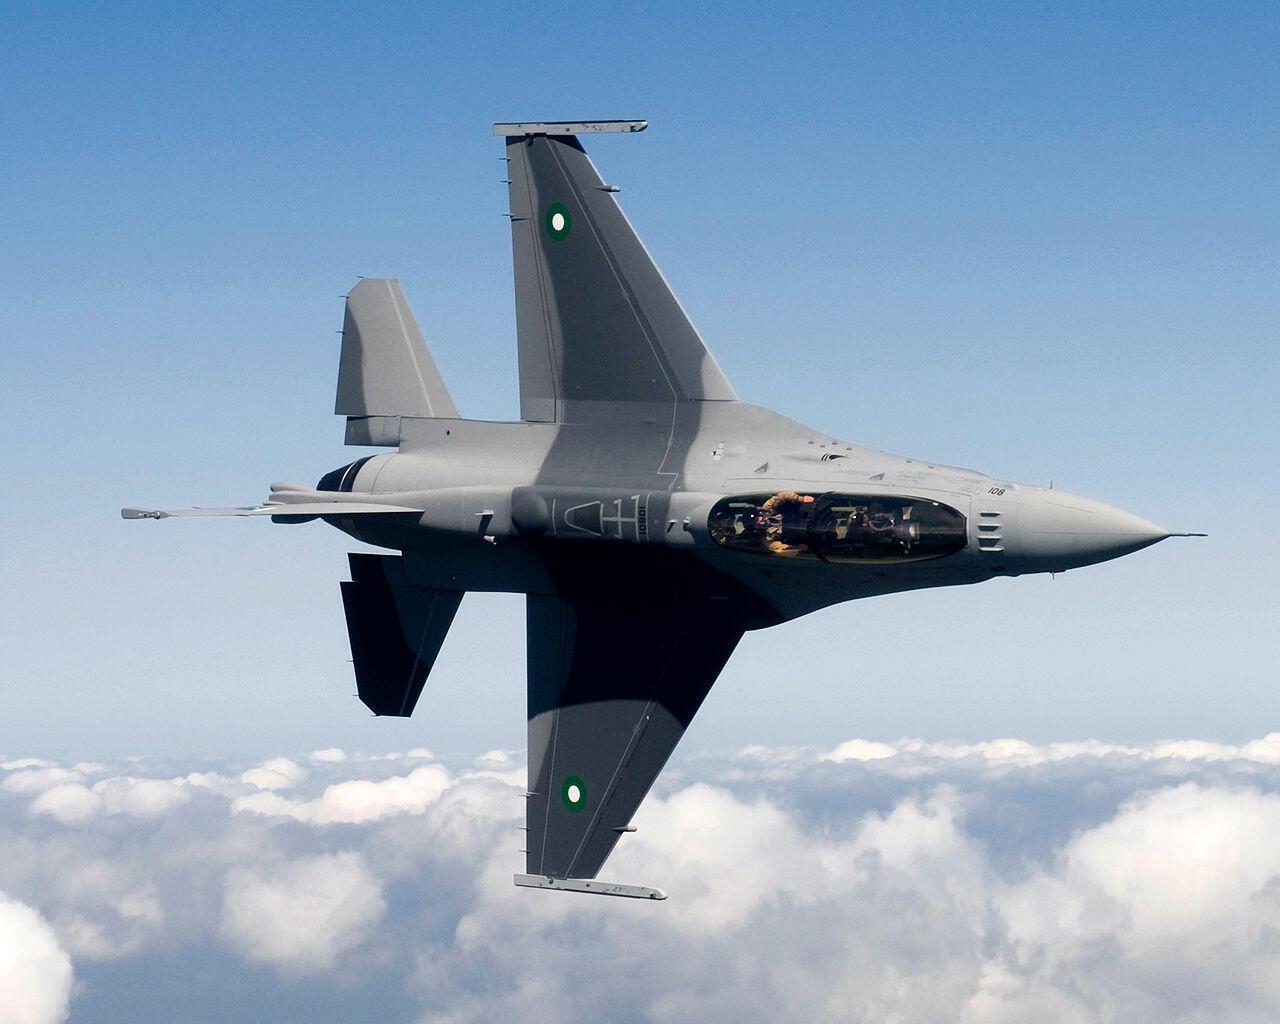 存檔圖片:Un chasseur F16 de l'armée pakistanaise. Les frappes aériennes se poursuivent au mois de juin 2015 dans la région tribale du Waziristan, frontamière avec l'Afghanistan où sont basées des poches de résistance talibanes.